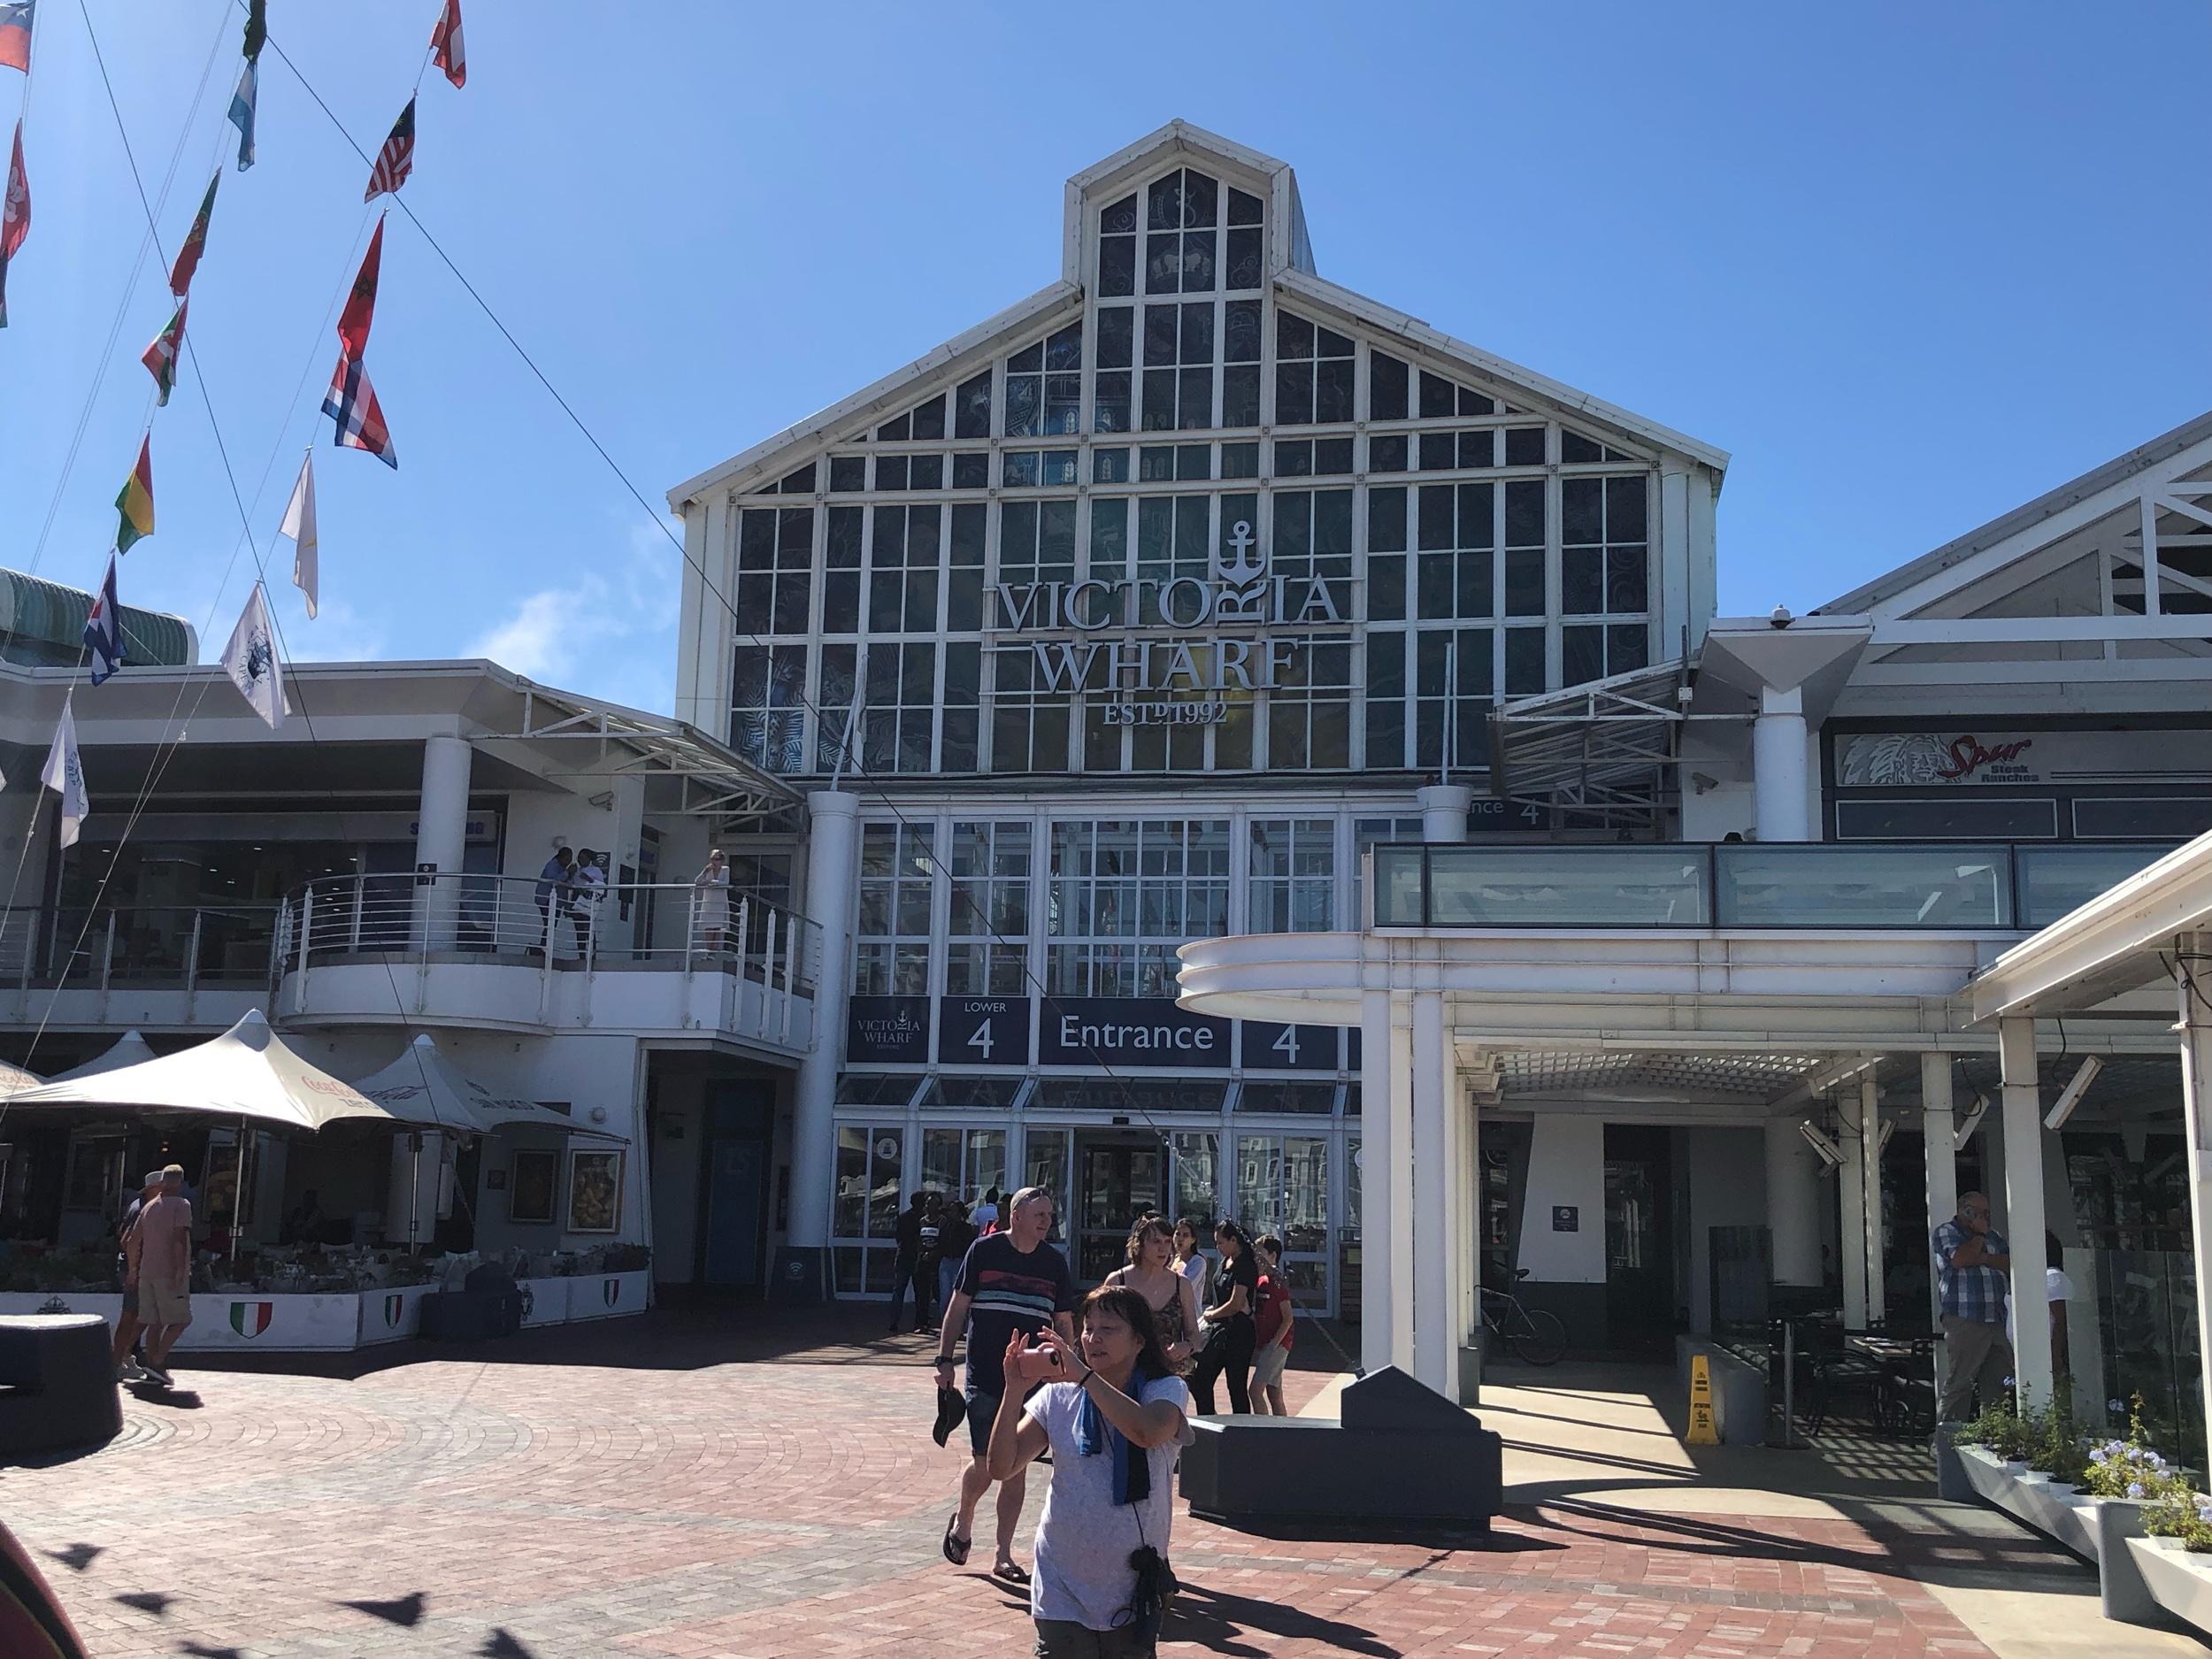 Victoria Wharf Mall Cape Town